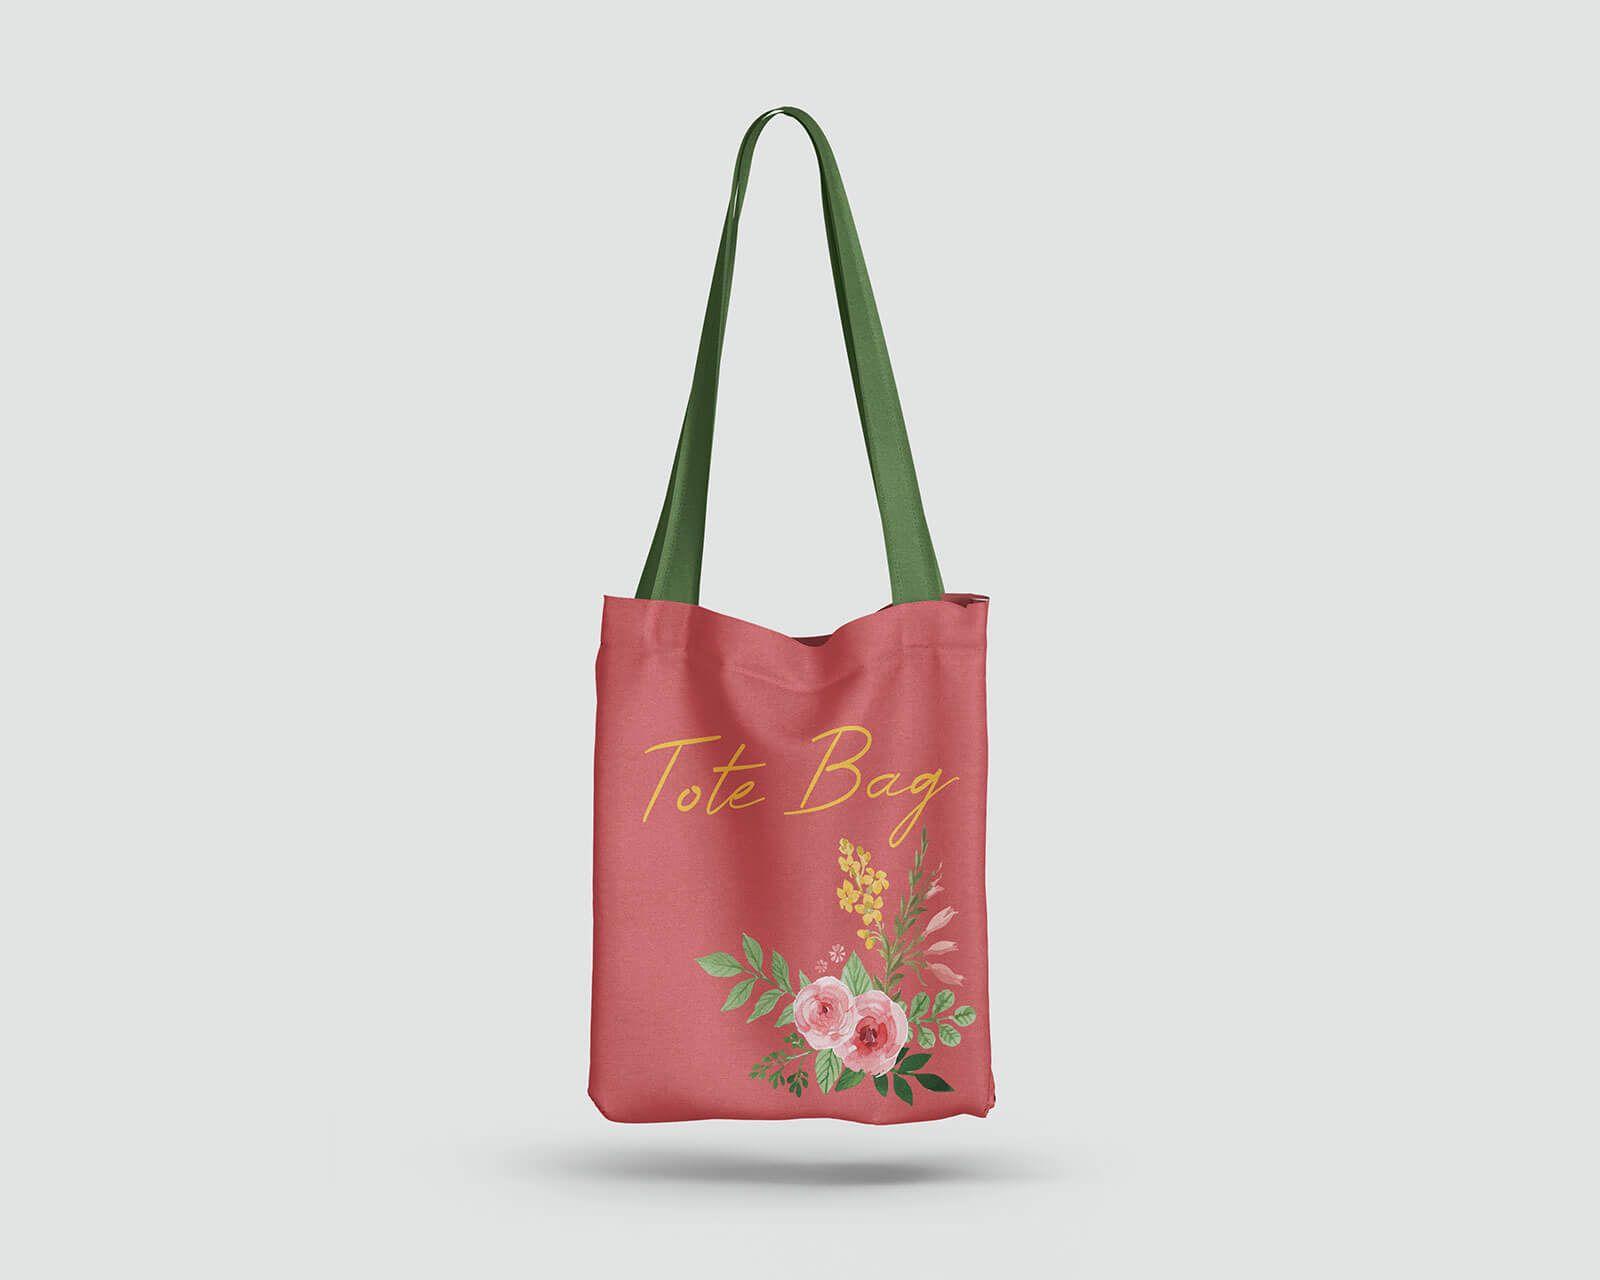 Download Tote Cloth Shopping Bag Mockup 2 Psd Set Bag Mockup Shopping Bag Design Bags